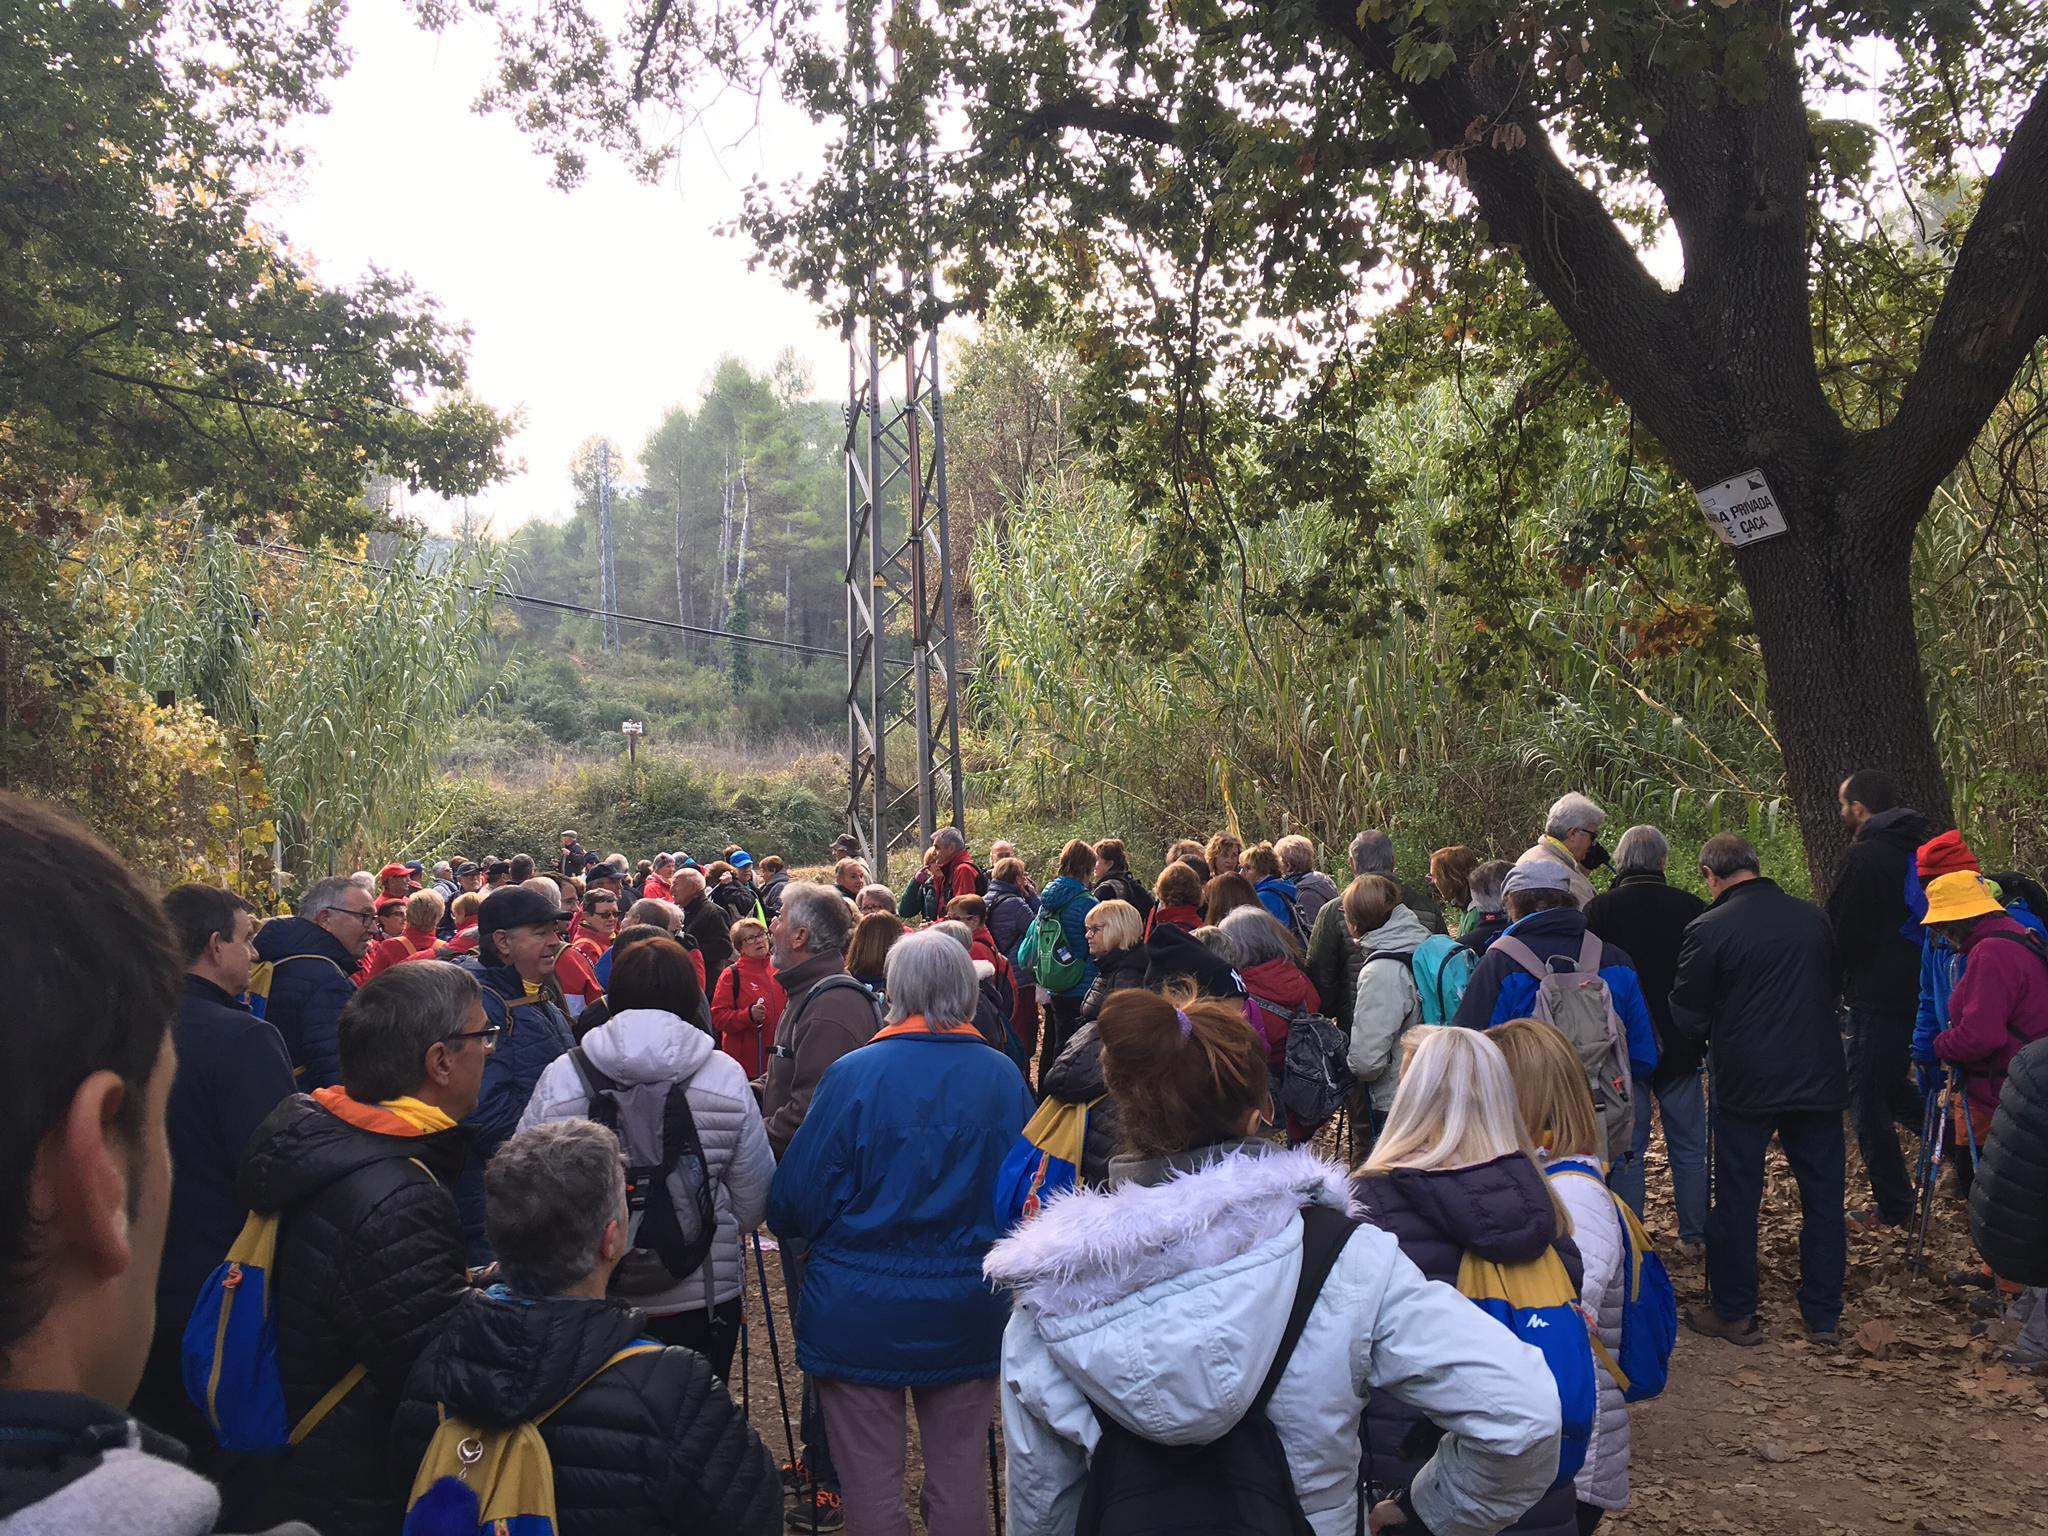 La gent gran d'Arenys de Munt passeja avui per Corbera de Llobregat